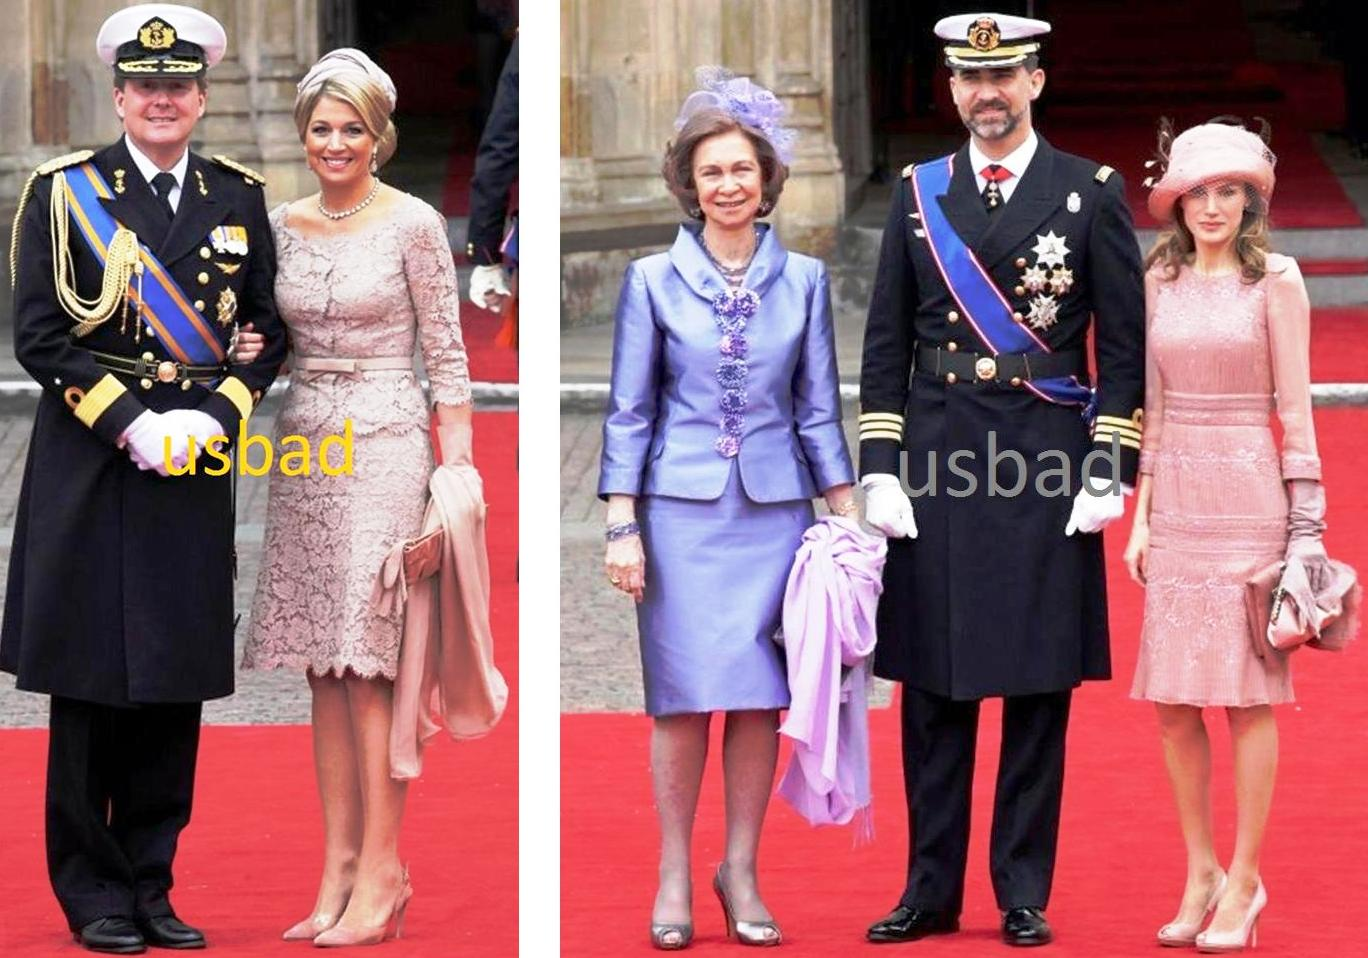 Gambar kiri adalah Putera Mahkota Willem Alexander dan Puteri Maxima